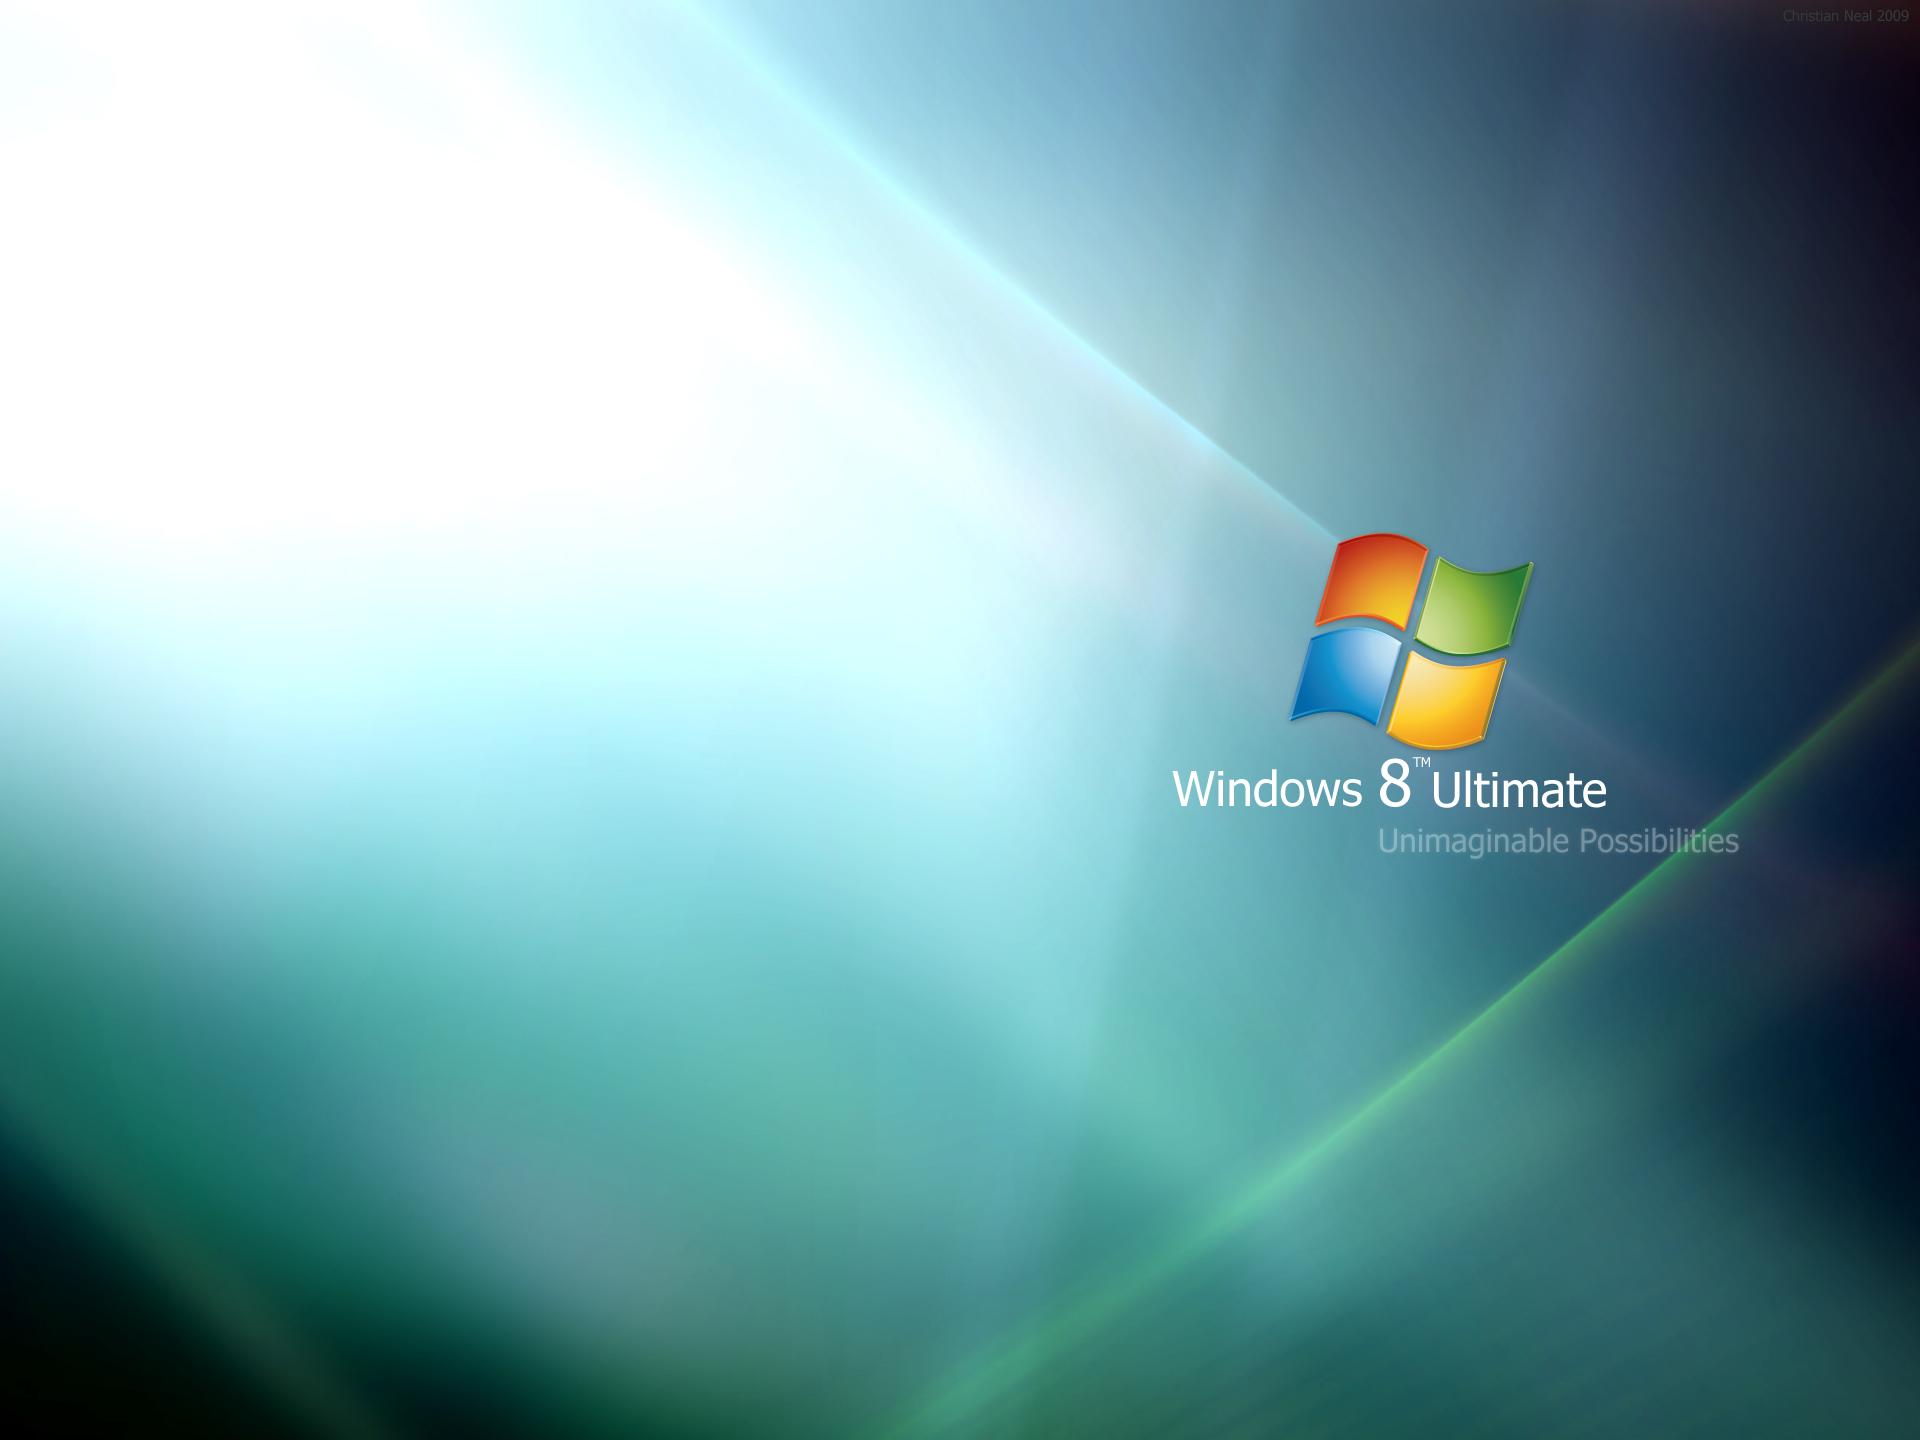 Windows 8 Wallpapers Release: Lock Screen Wallpaper Windows 8